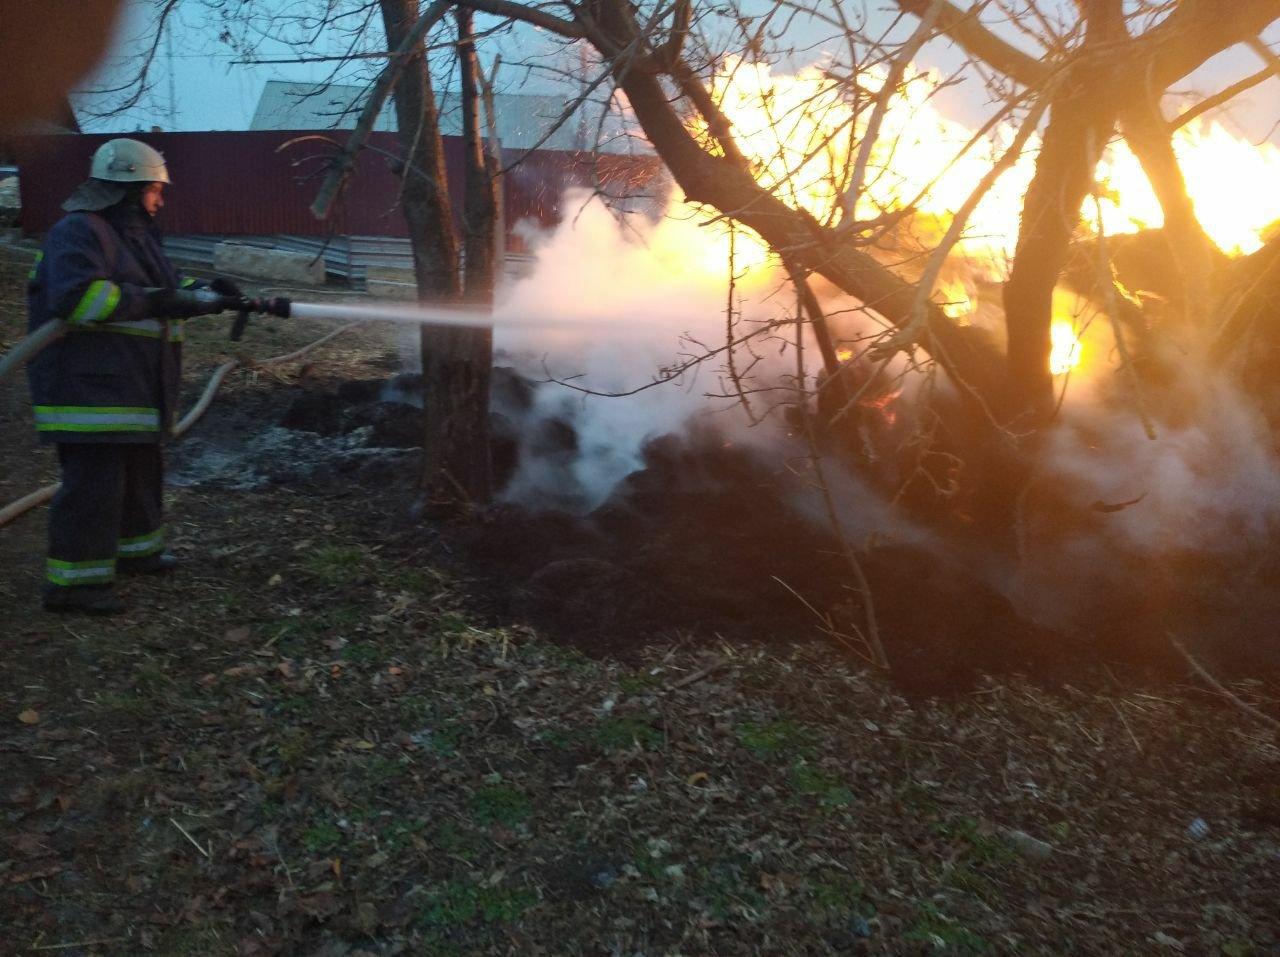 На Харьковщине неизвестные подожгли тонну заготовленной соломы, - ФОТО, фото-1